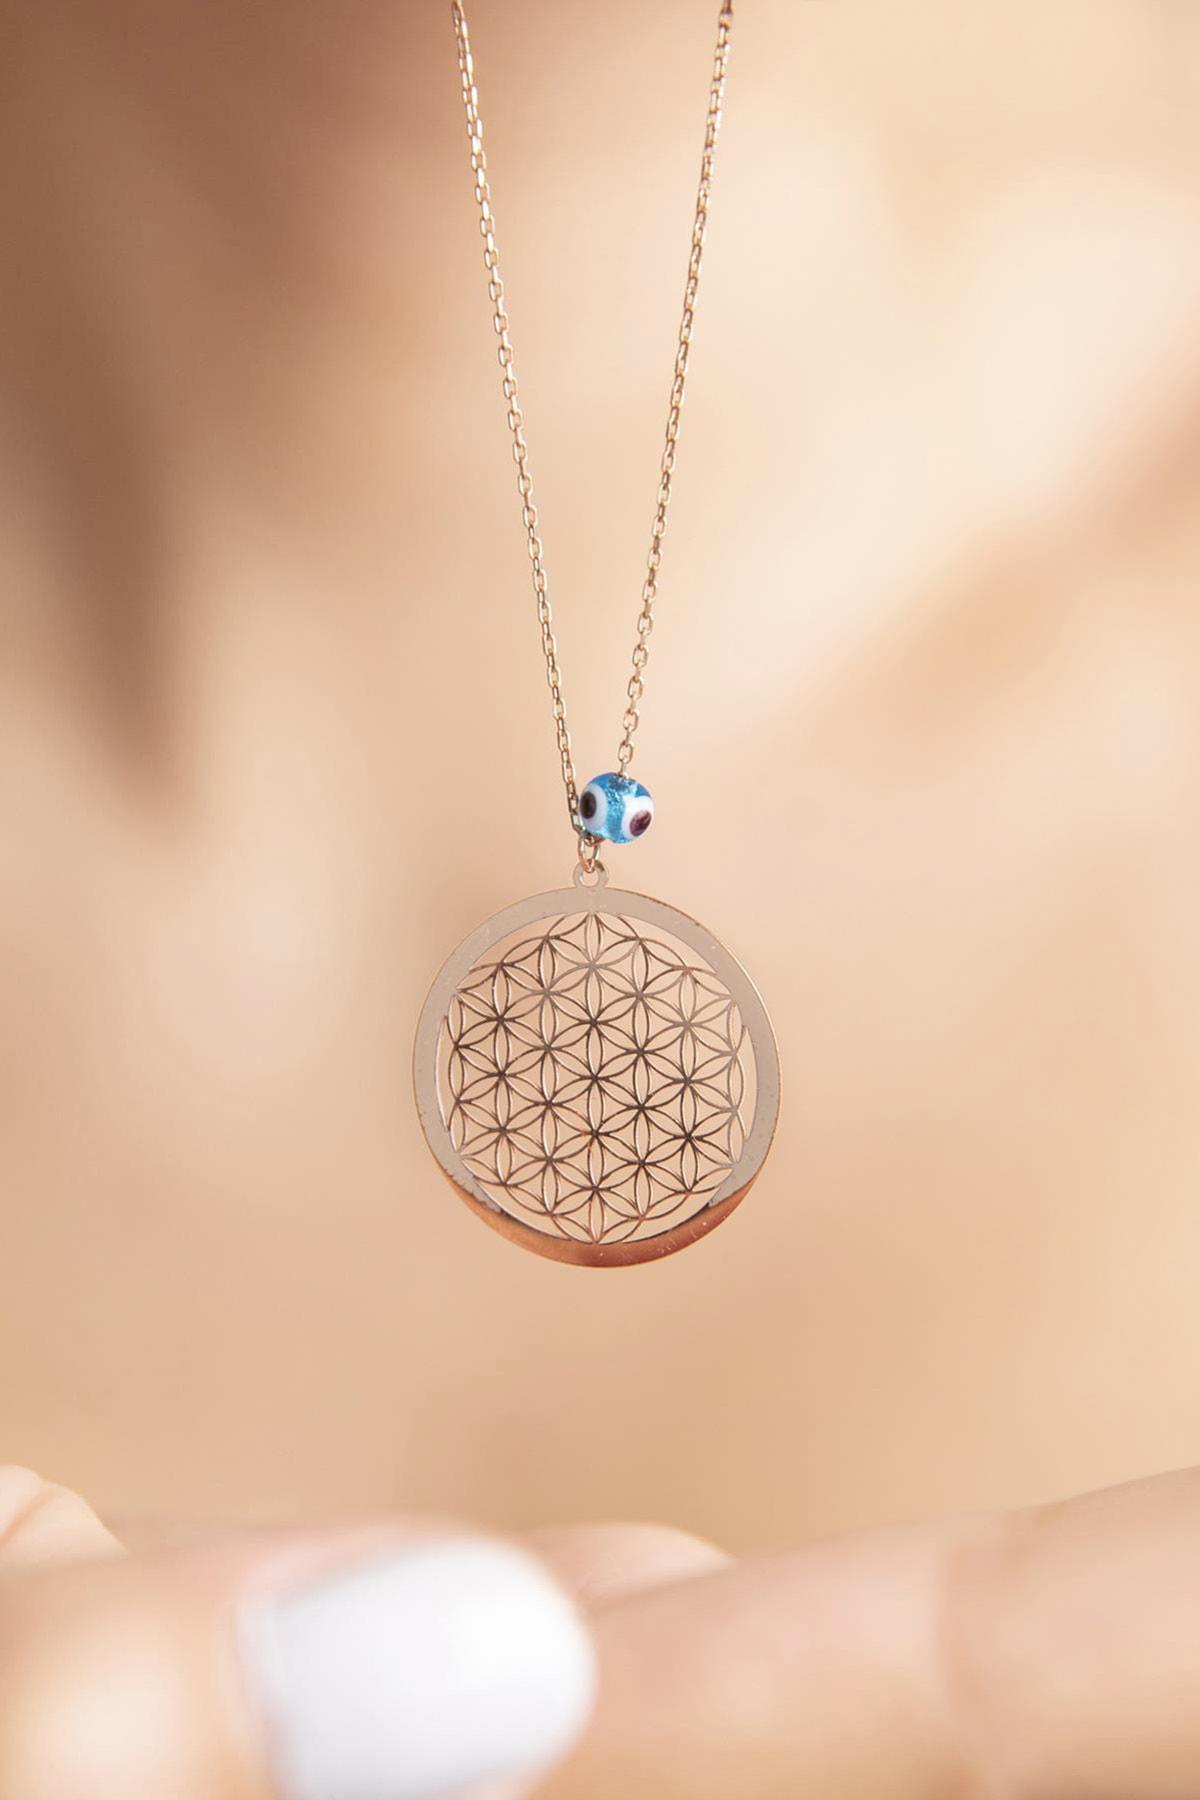 Yaşam Çiçeği Nazar Boncuklu Rose Kaplama 925 Ayar Gümüş Kolye